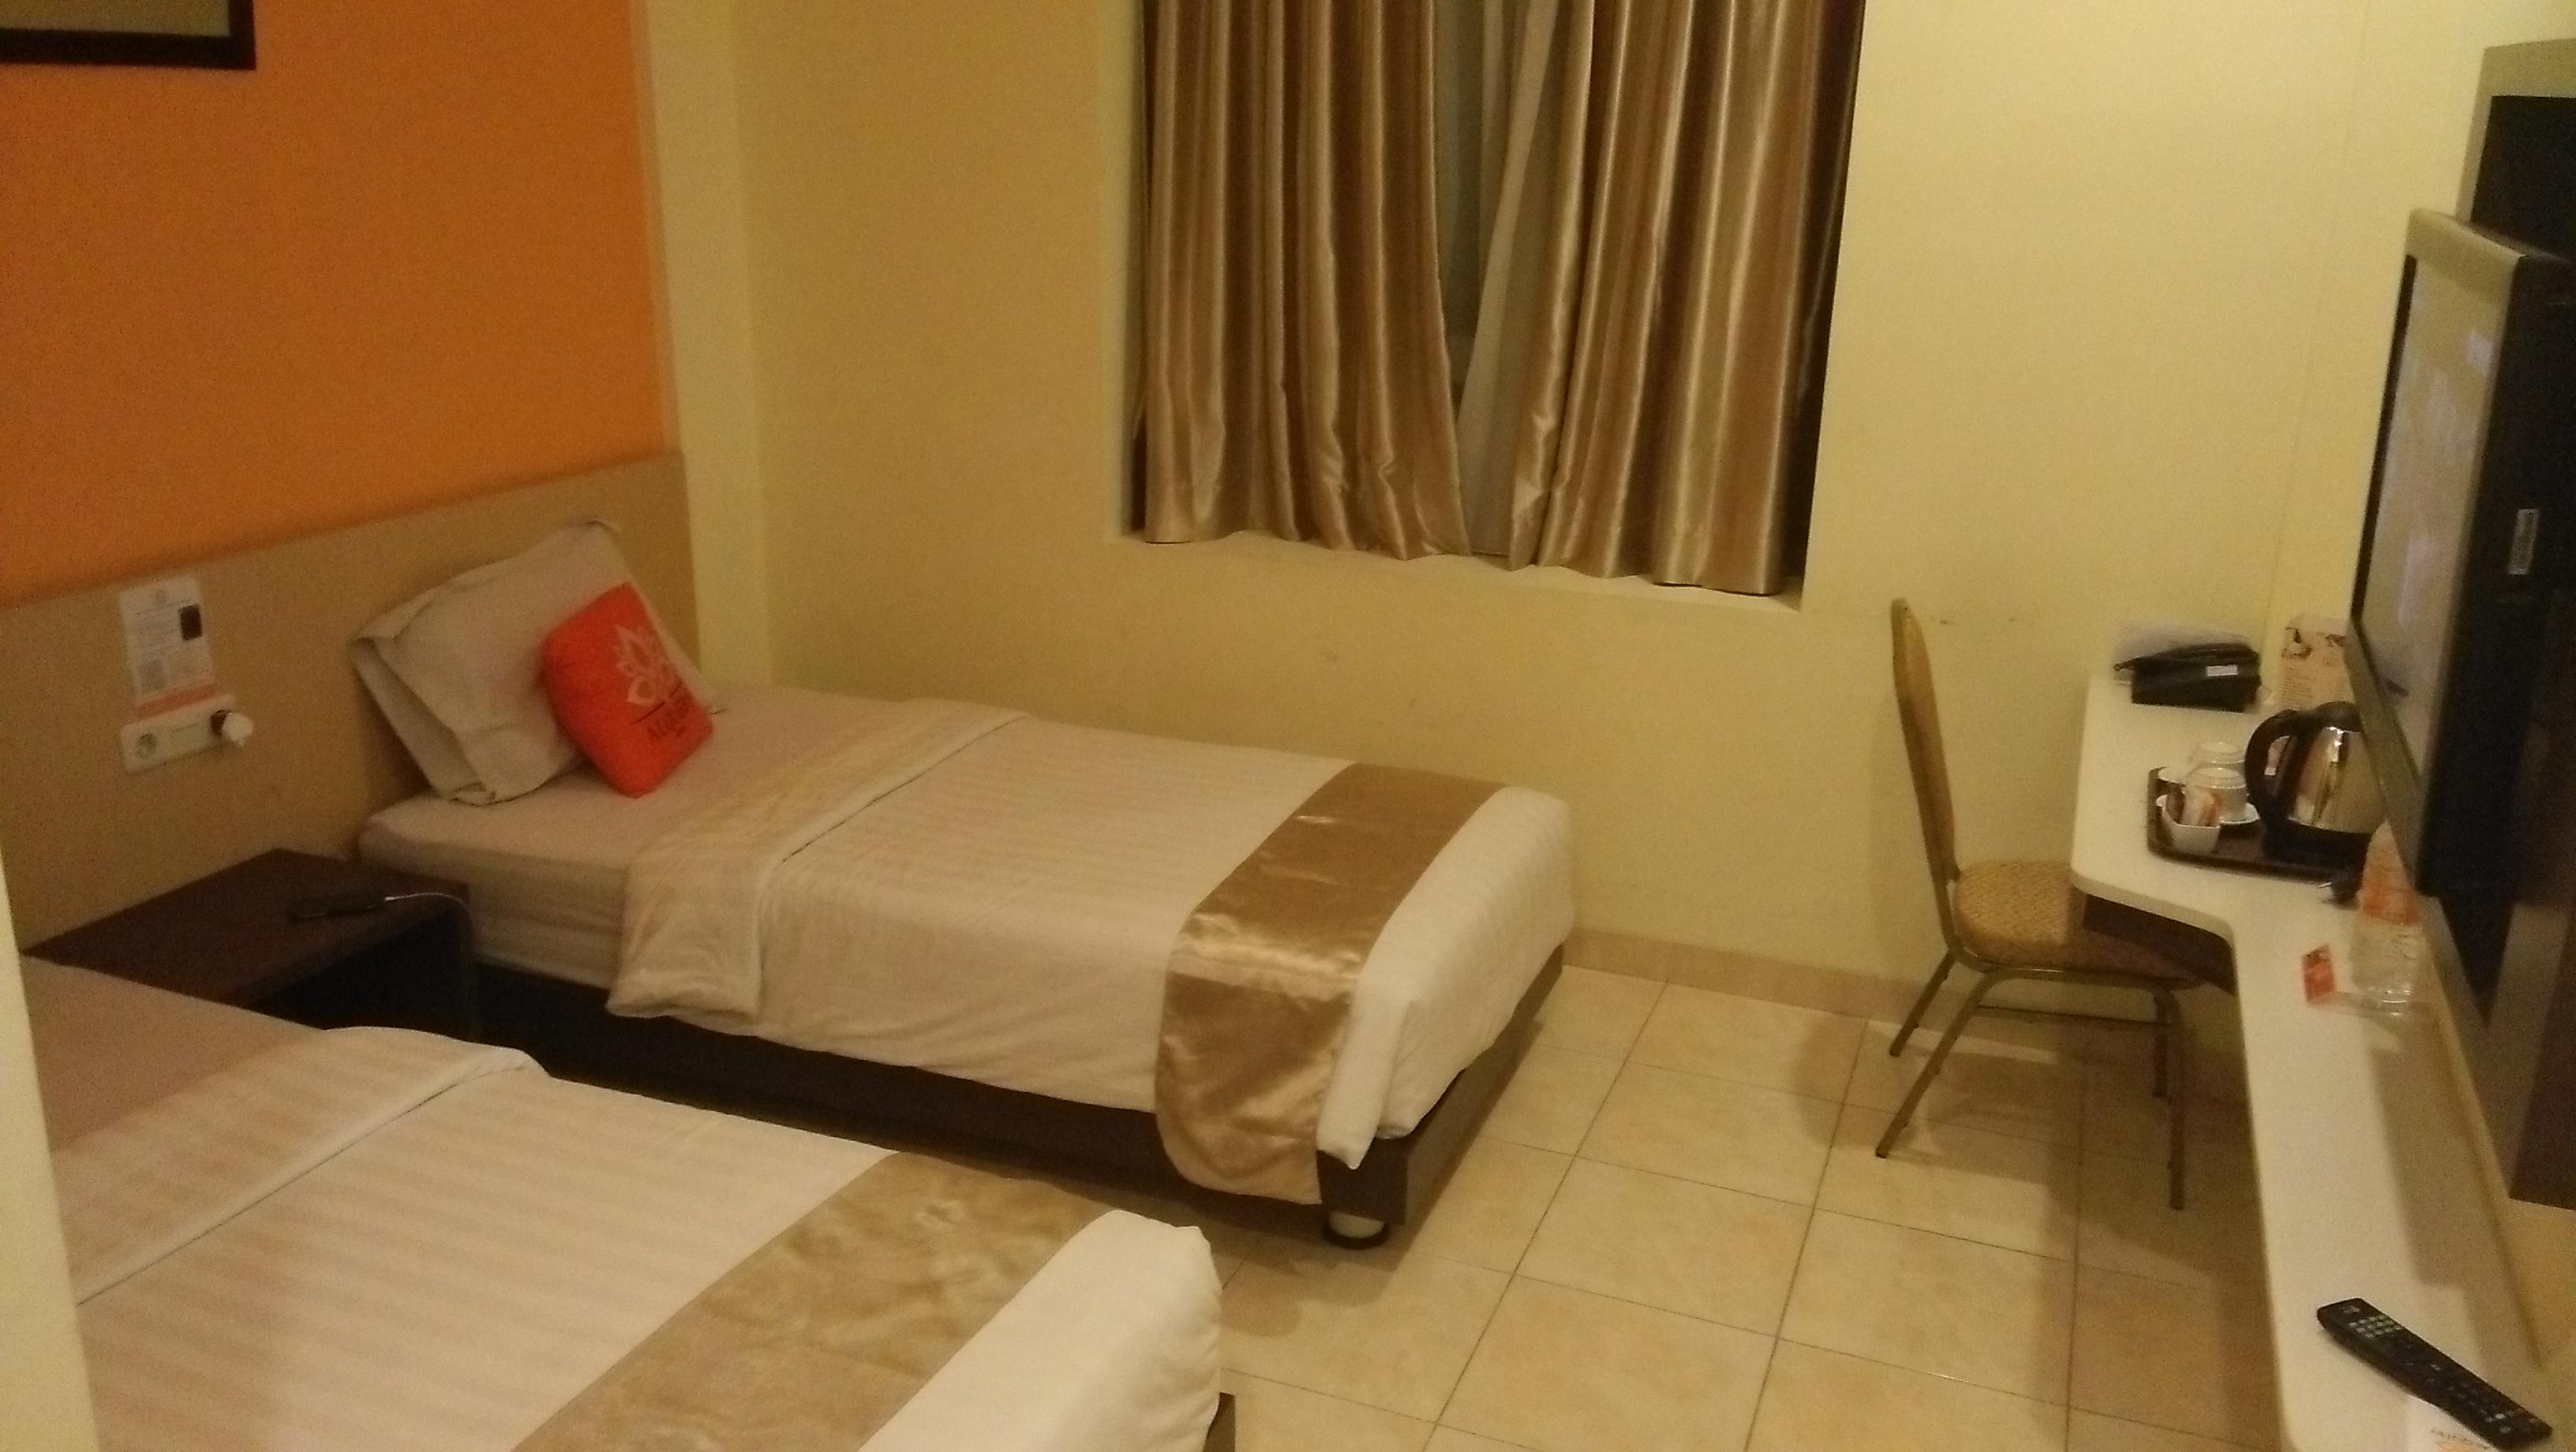 Kamar Alqueby hotel - Kiara Condong Bandung